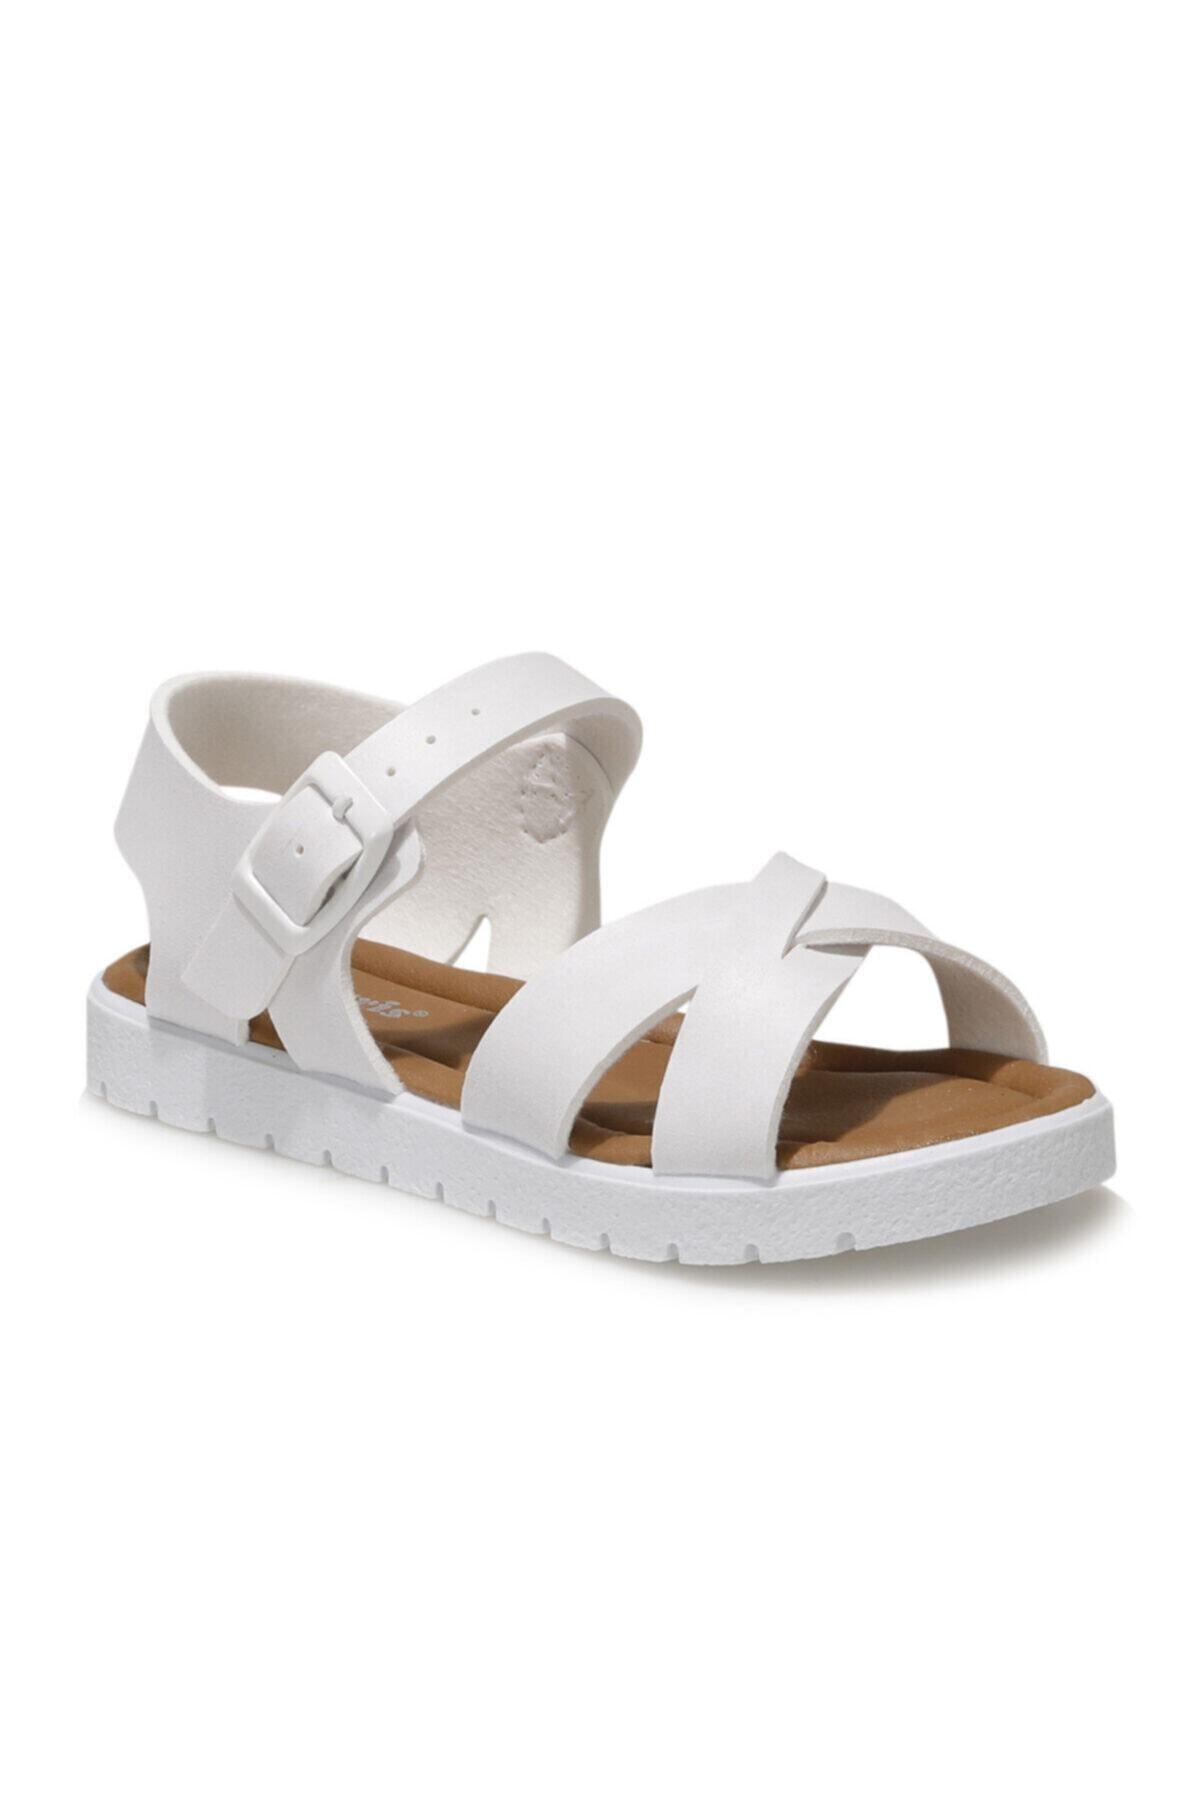 508159.P1FX Beyaz Kız Çocuk Sandalet 101010671